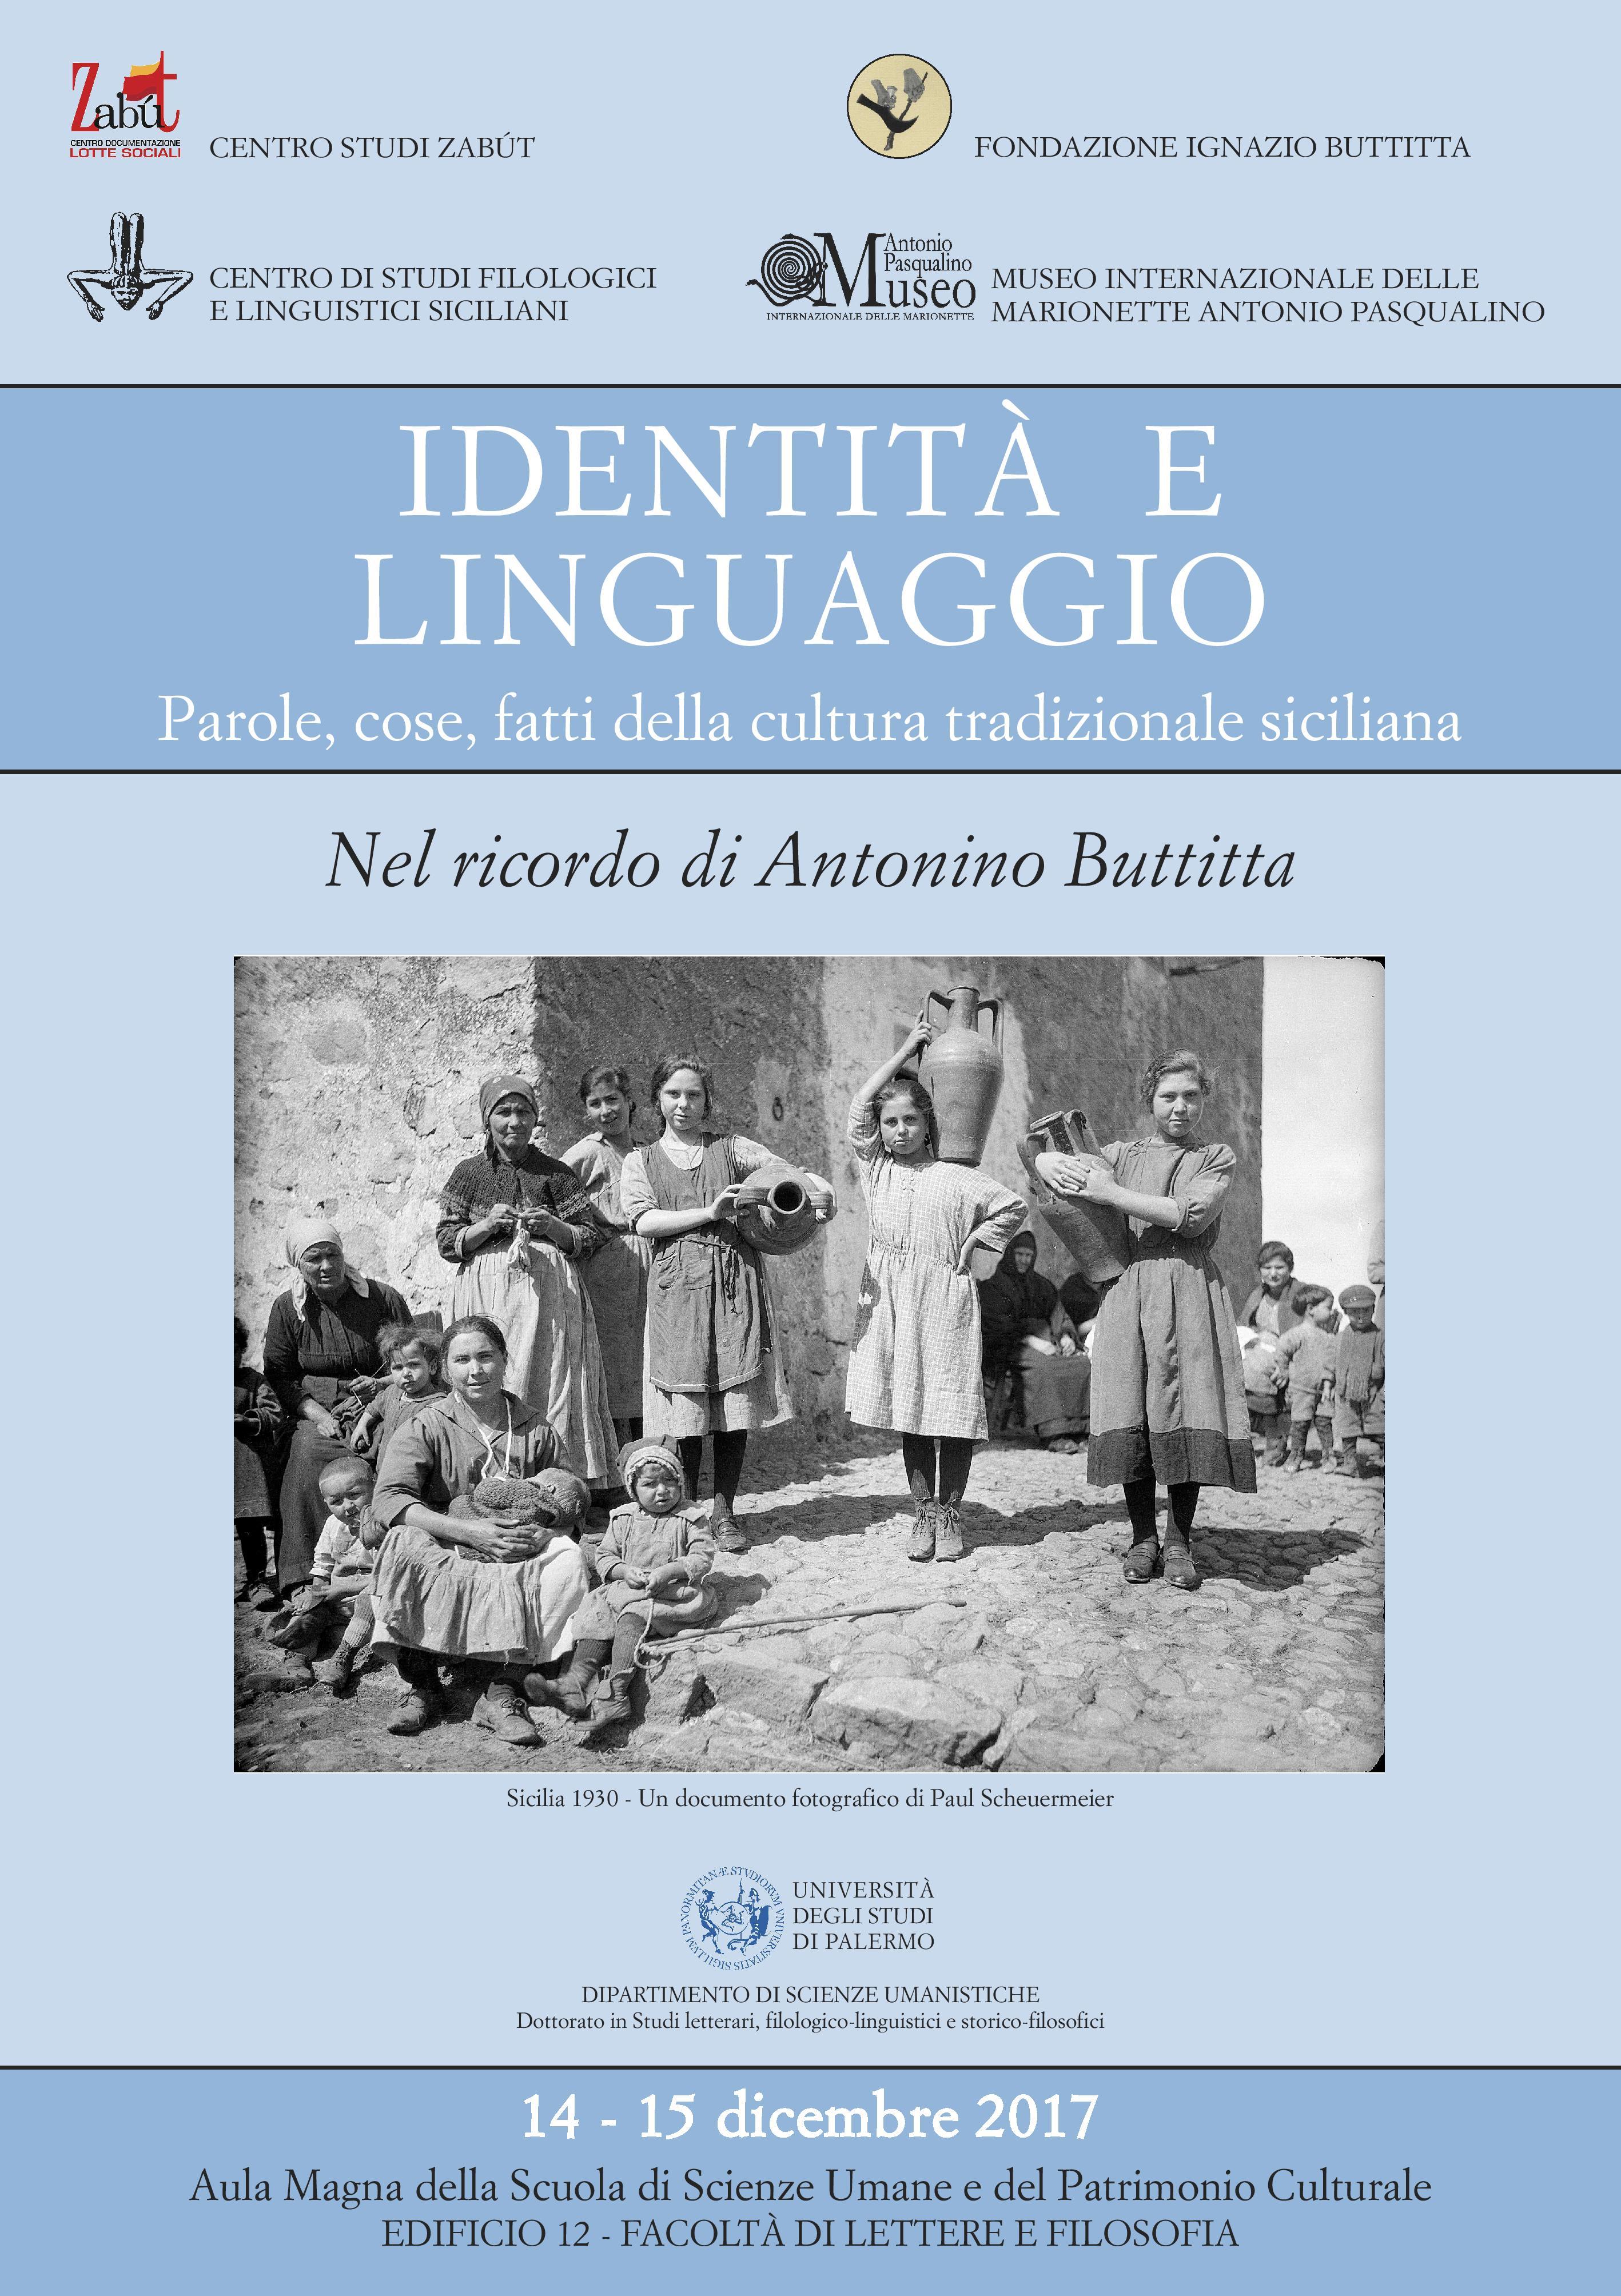 locandina-identita-e-linguaggio-14-15-12-2017-page-001